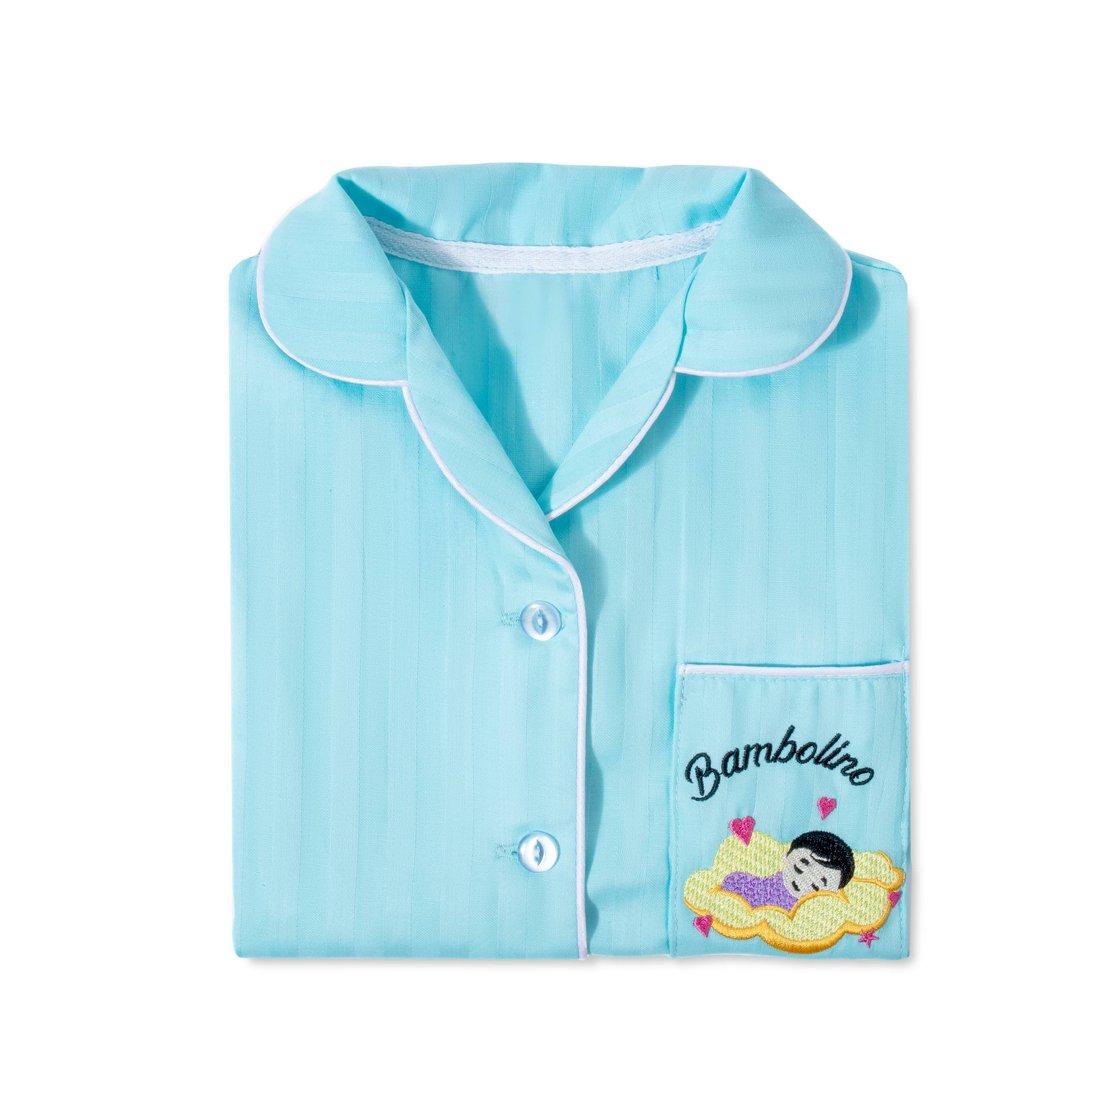 Купить Детская пижама Bambolino, голубая 128, Mixit